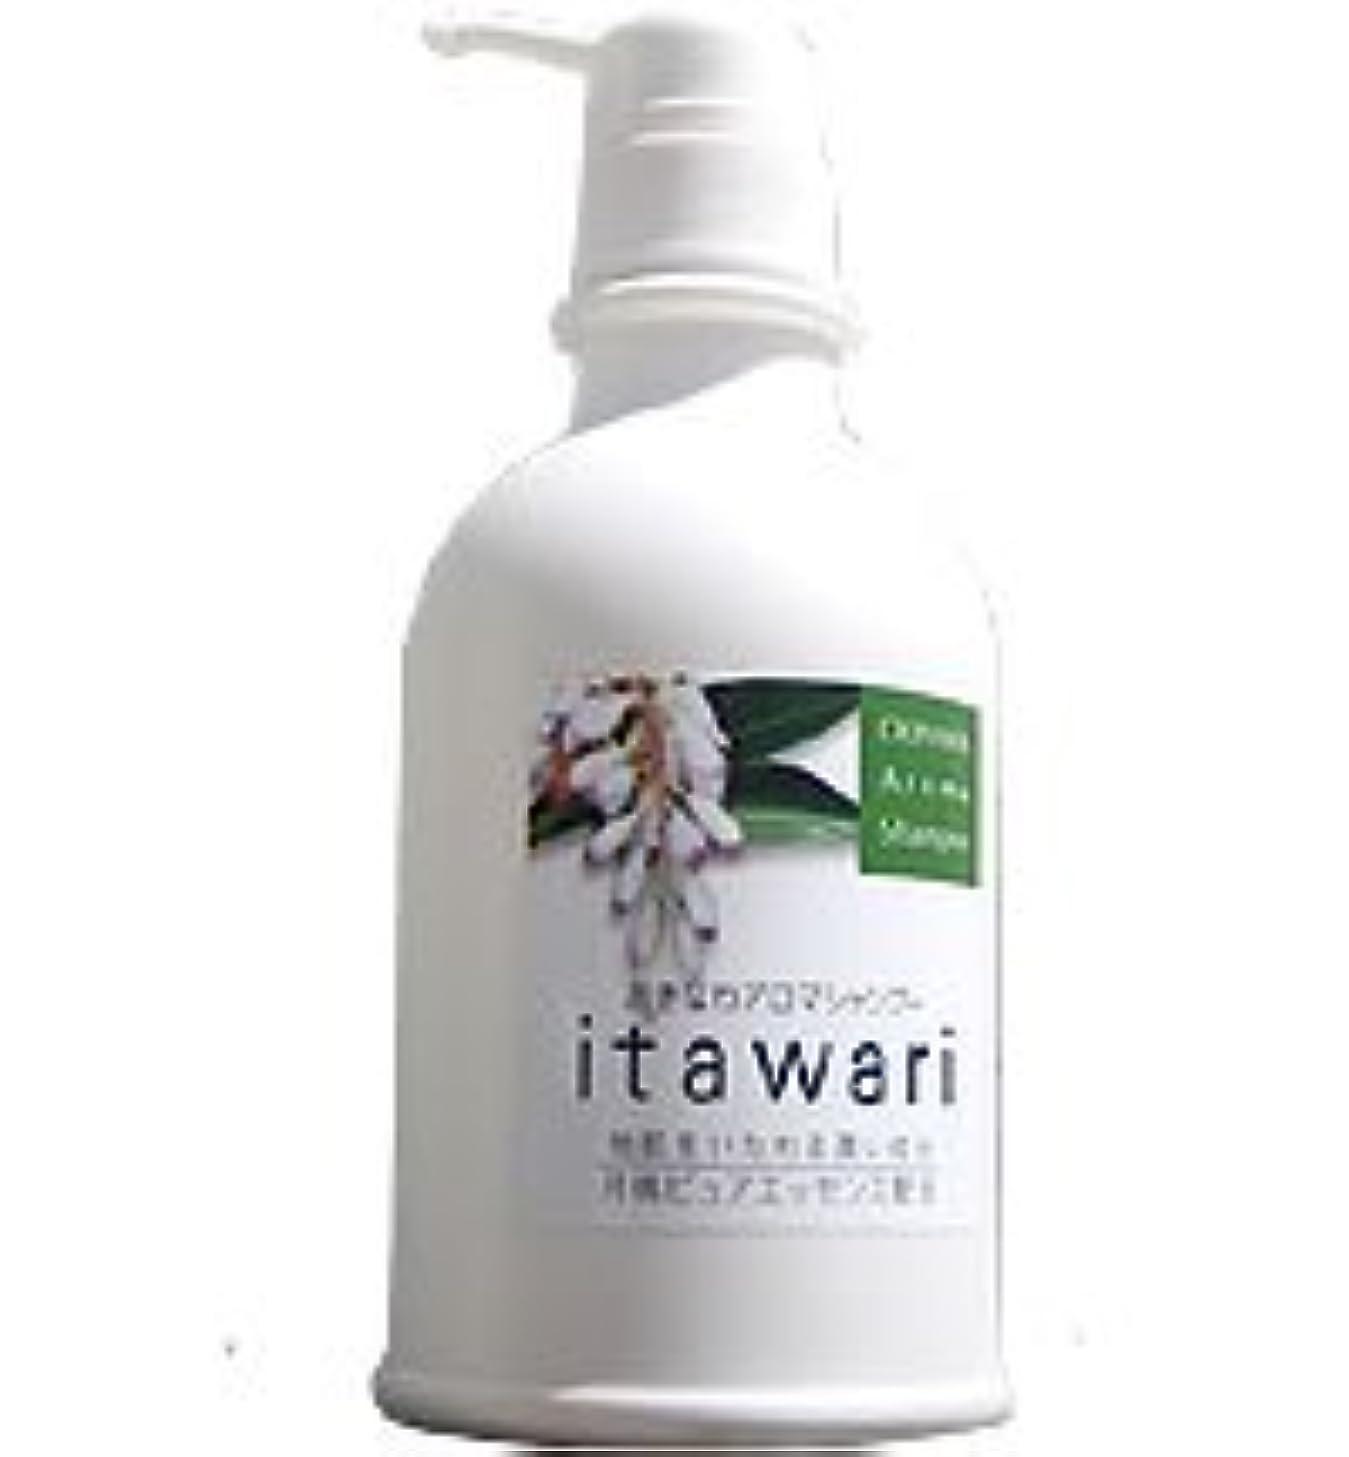 優れました冷笑するはっきりしないおきなわアロマシャンプー「itawari(いたわり)」 [500ml]